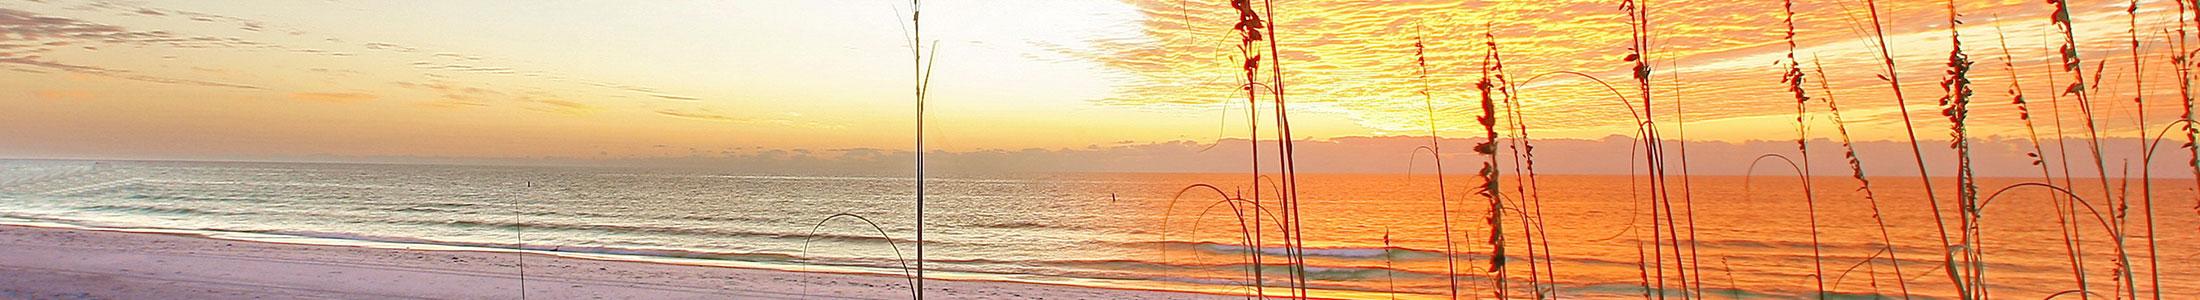 Anna Maria Island Vacation Condo Rentals